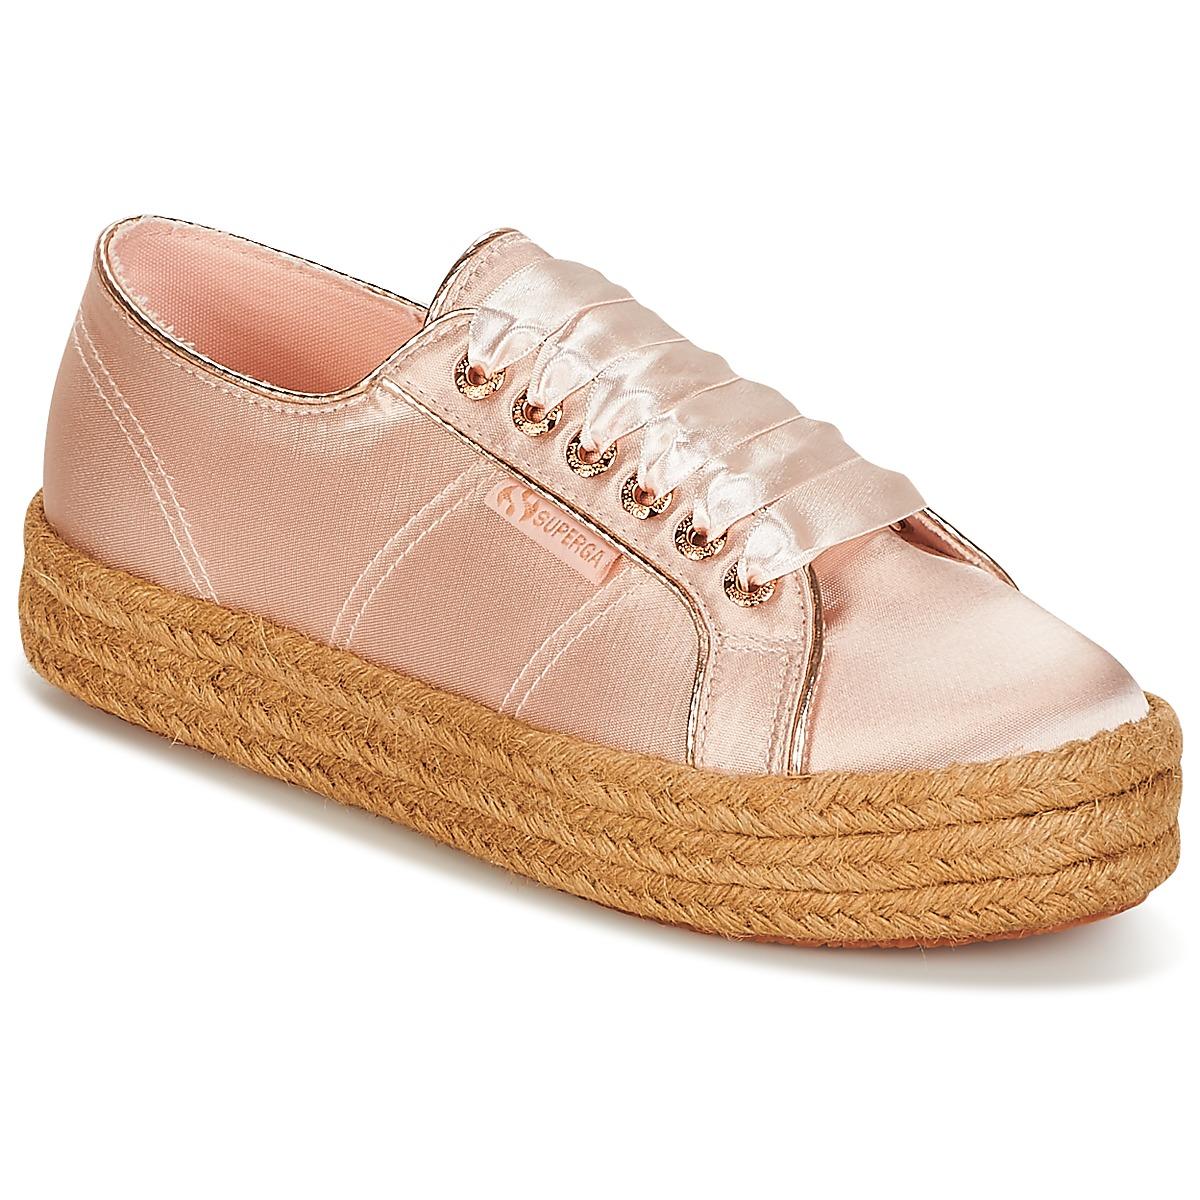 Superga 2730 SATIN COTMETROPE W Rose - Livraison Gratuite avec  - Chaussures Baskets basses Femme